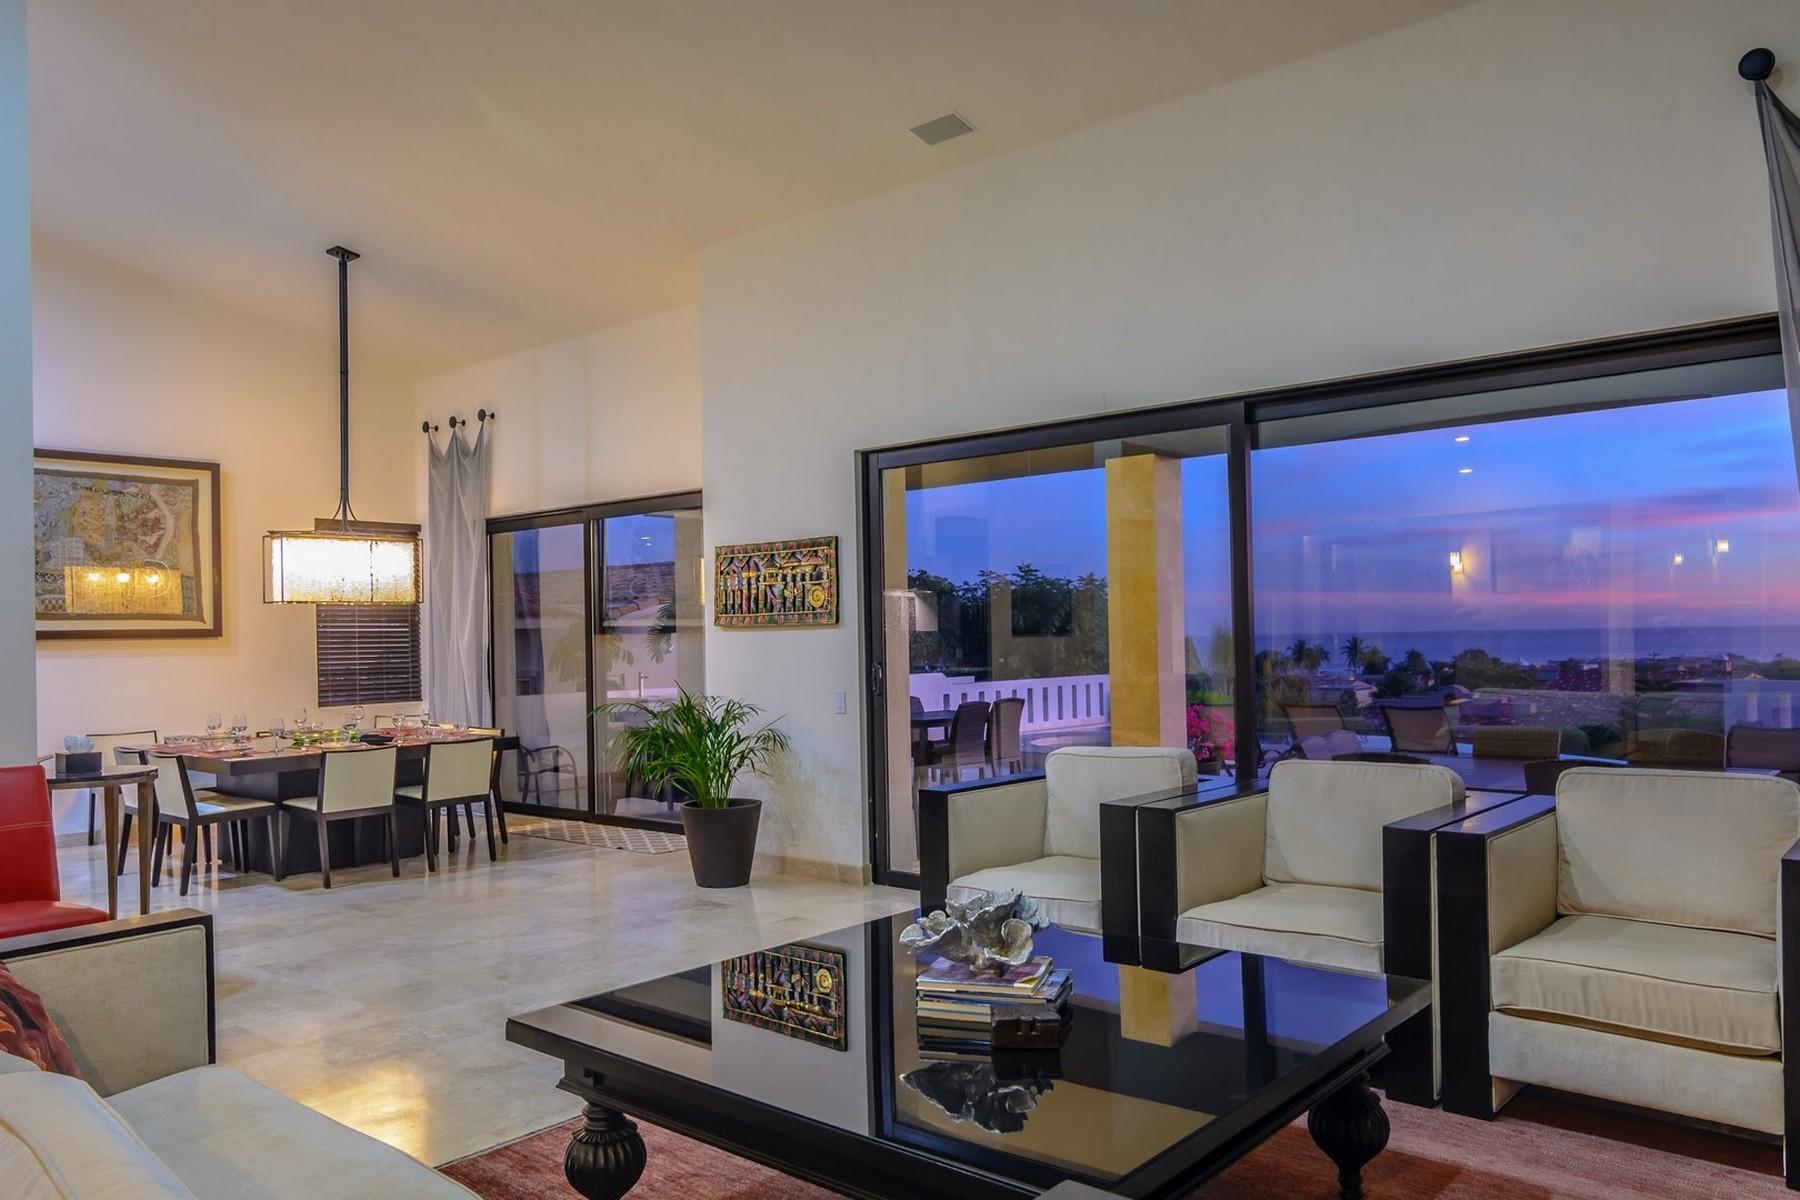 独户住宅 为 销售 在 Villa Del Corazon 4 Las Brisas, 卡波圣卢卡斯, 南下加利福尼亚, 23455 墨西哥